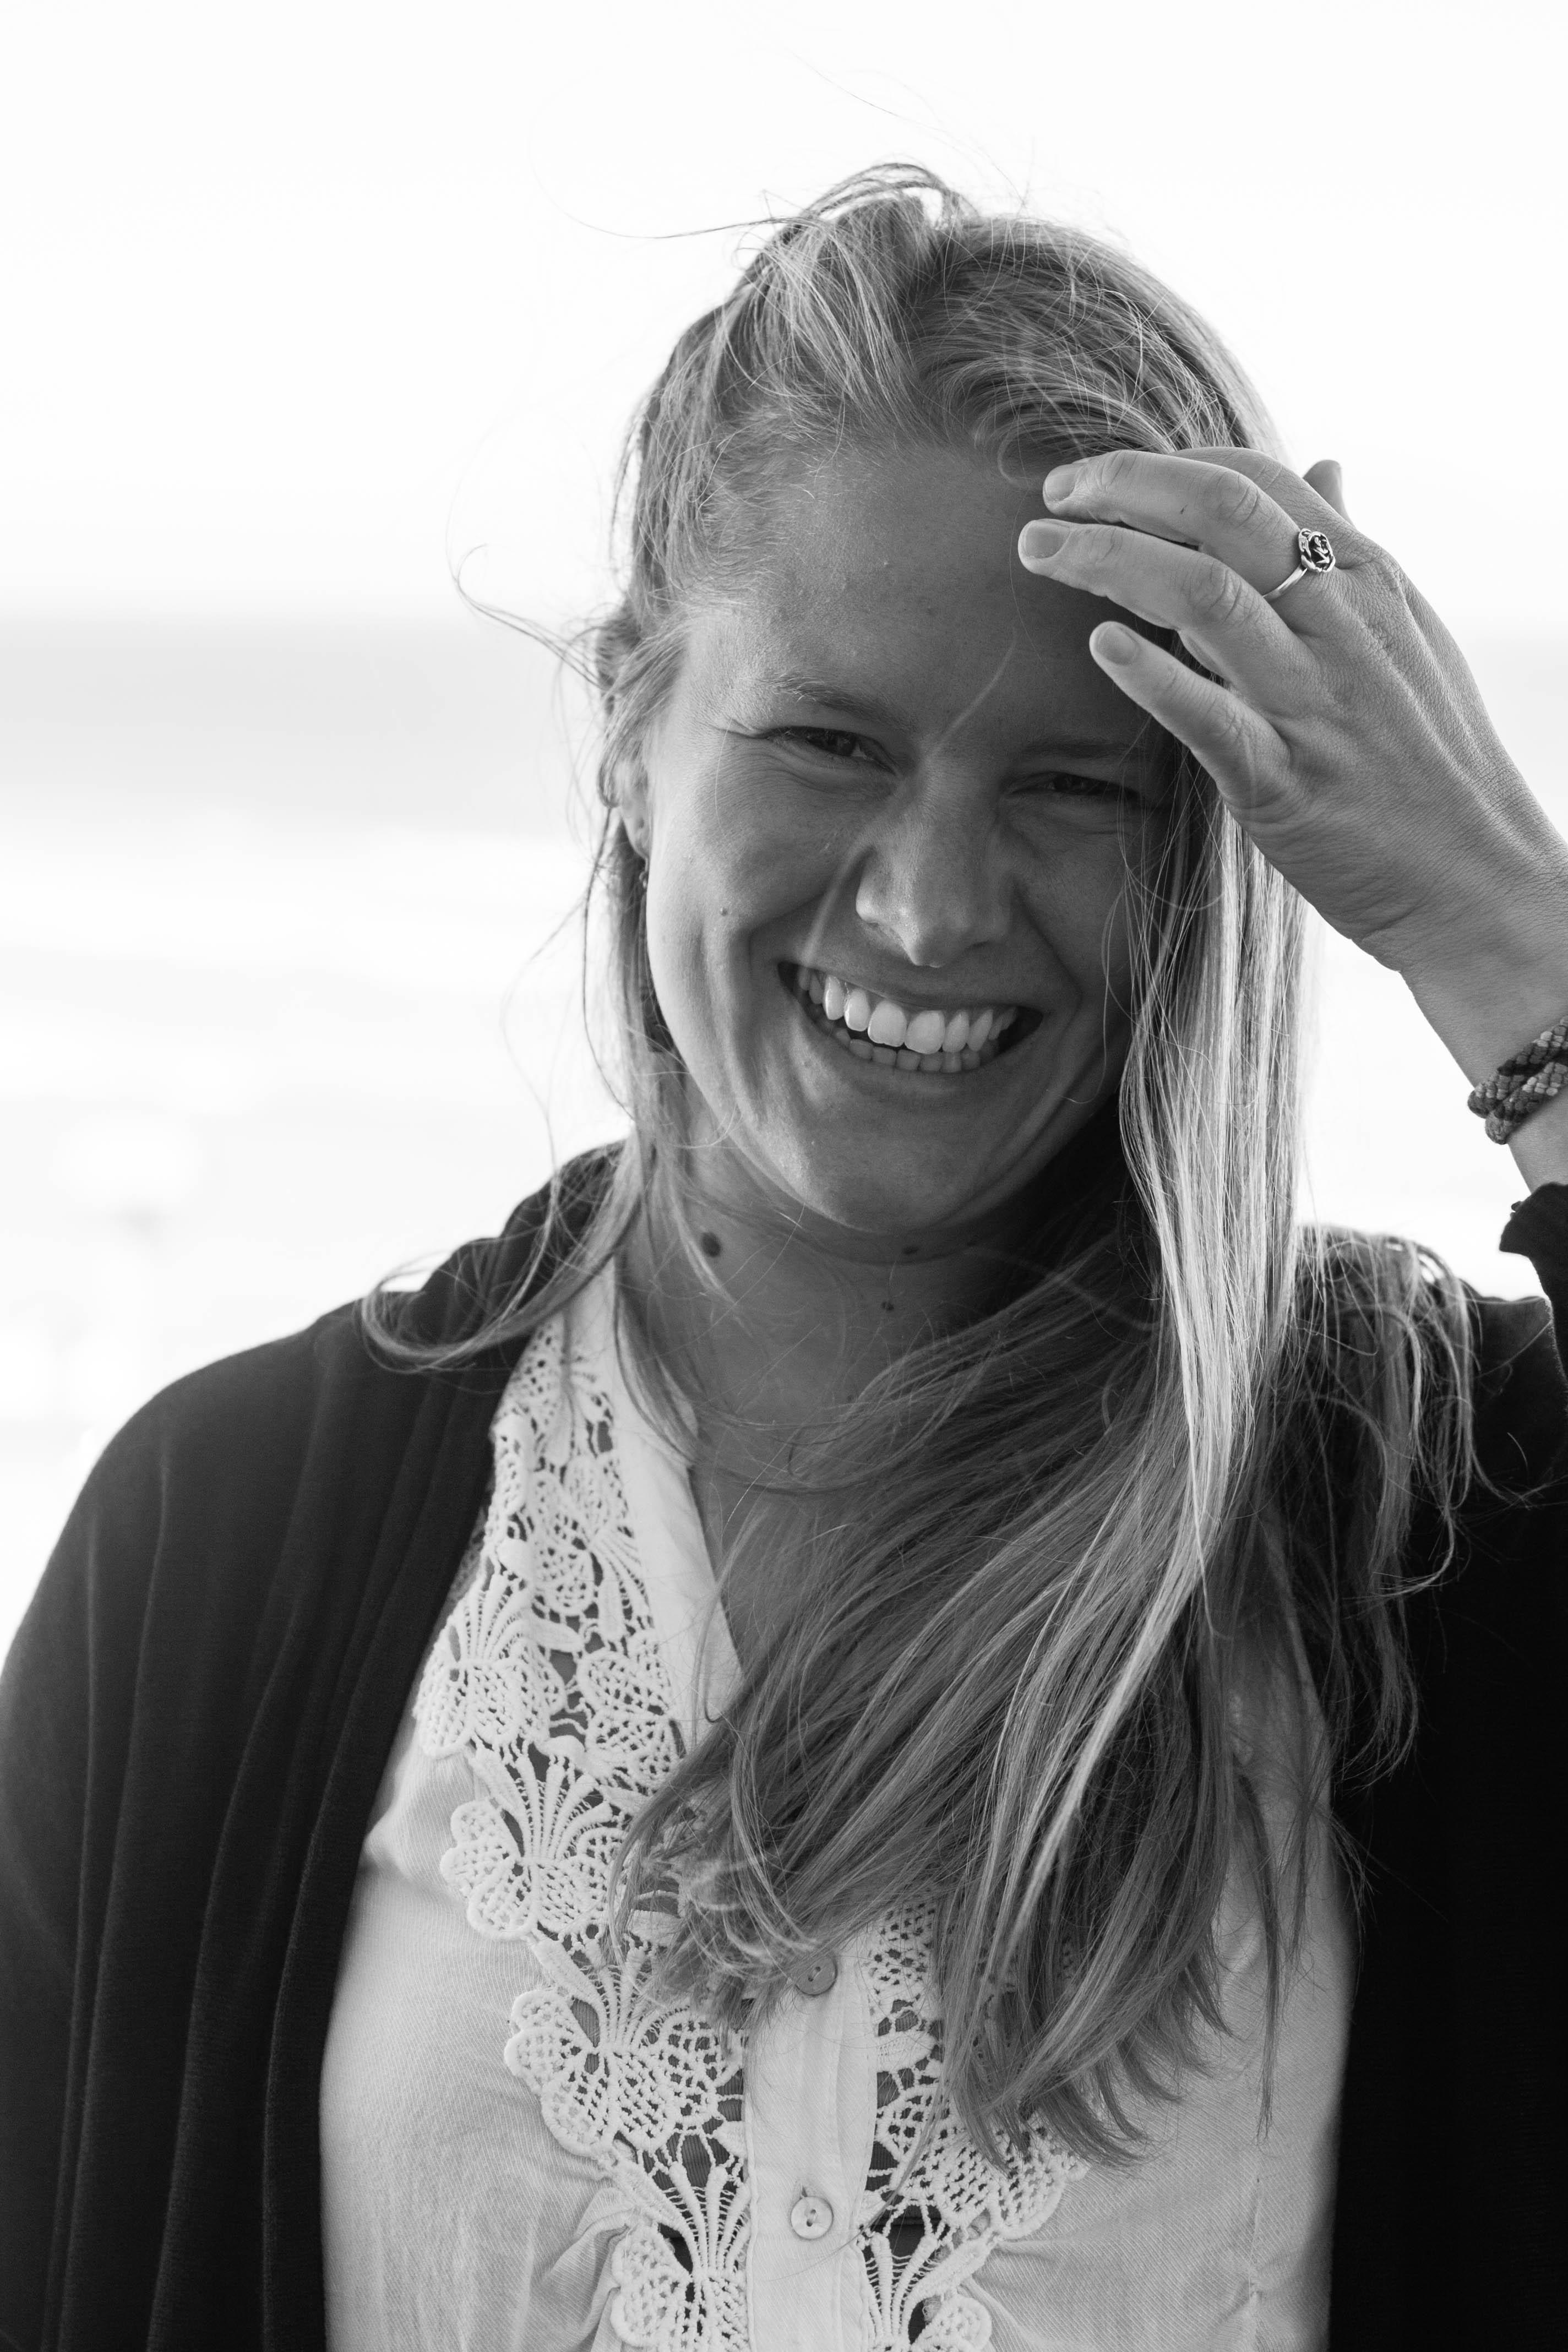 Amanda Norrlander